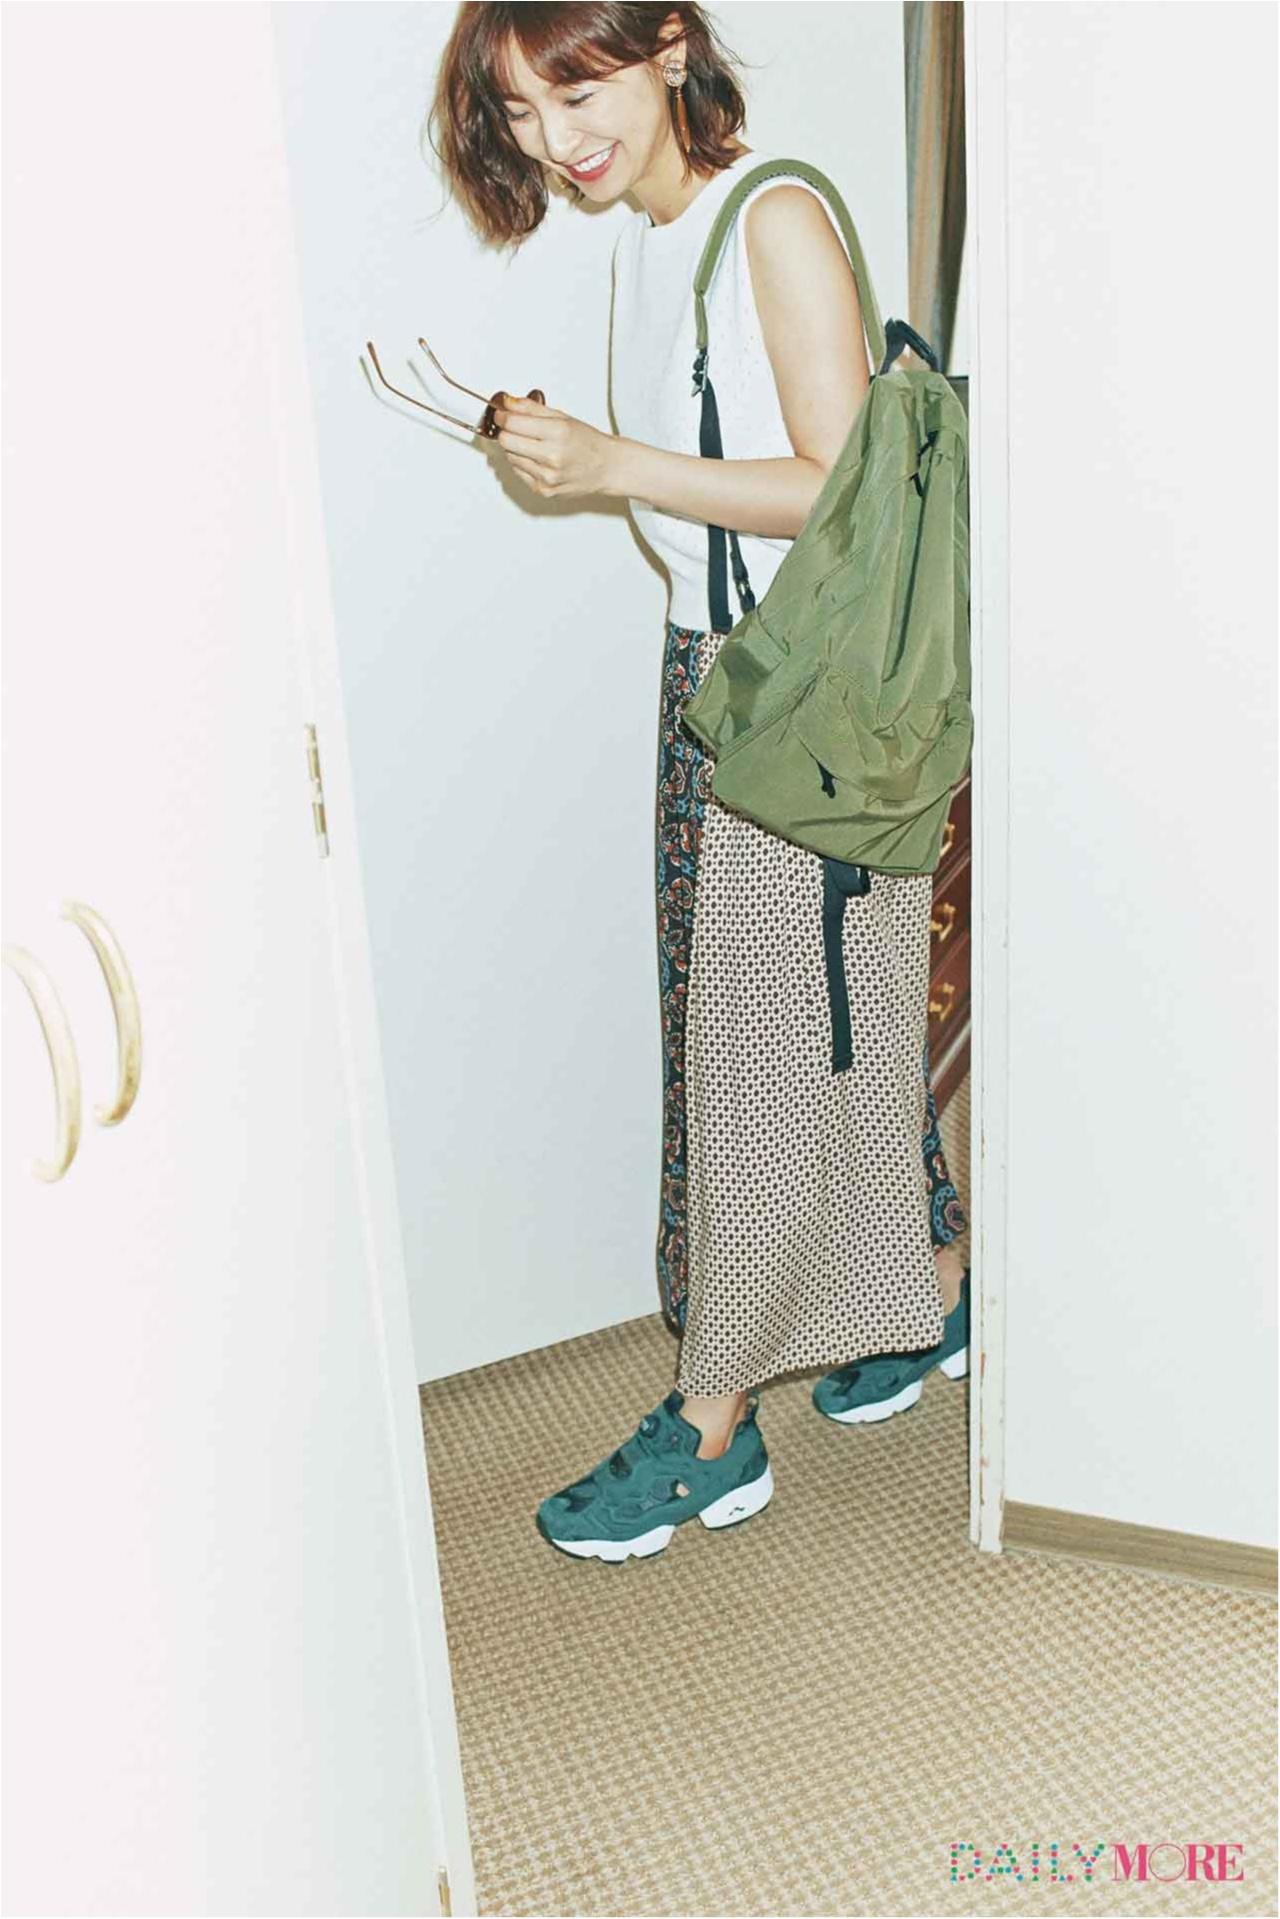 【今日のコーデ/篠田麻里子】柄スカートとスポーティな小物でテンション上げて、連休初日は野外イベントへ♪_1